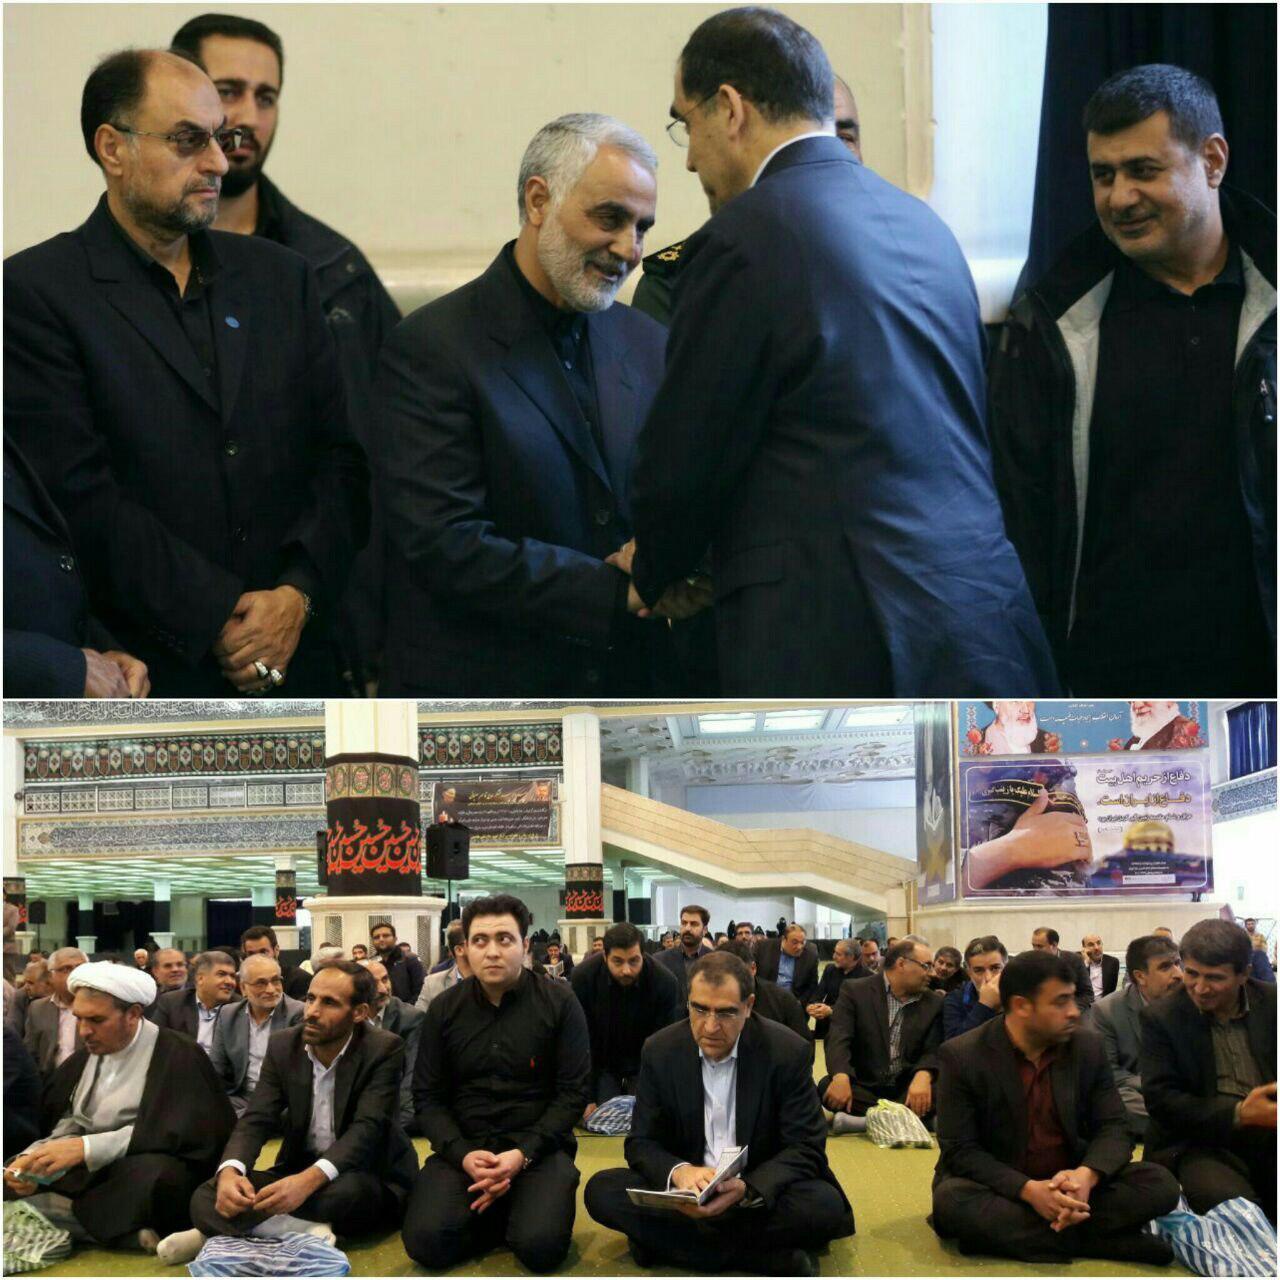 حضور وزیر بهداشت در مراسم ترحیم پدر سردار سلیمانی/عکس